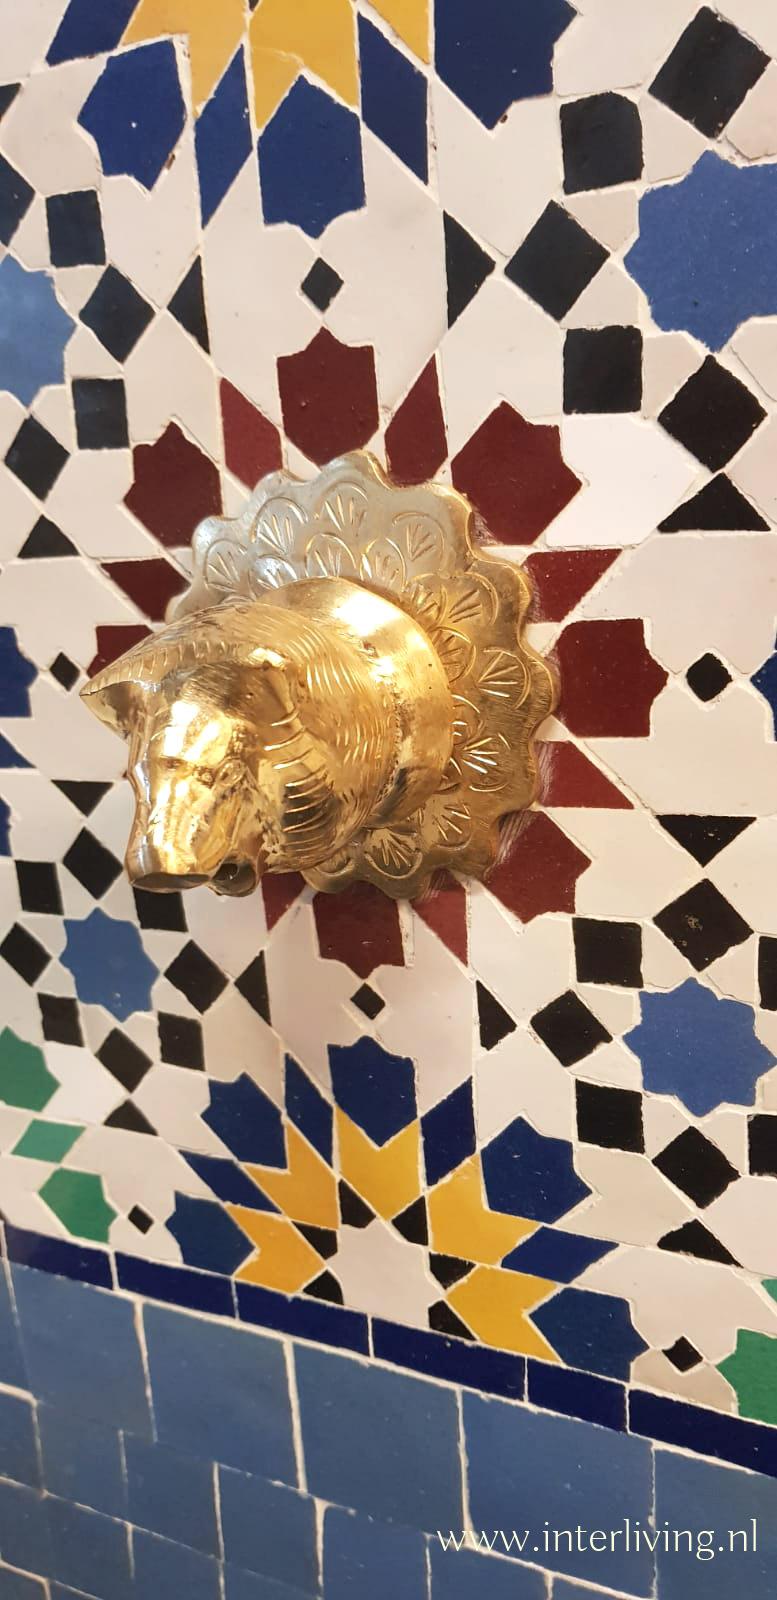 berberleeuw / atlasleeuw / Barbarijse leeuw van messing - kraan van fontein bij Marokkaanse tegel mozaiek stijl met zellige patronen